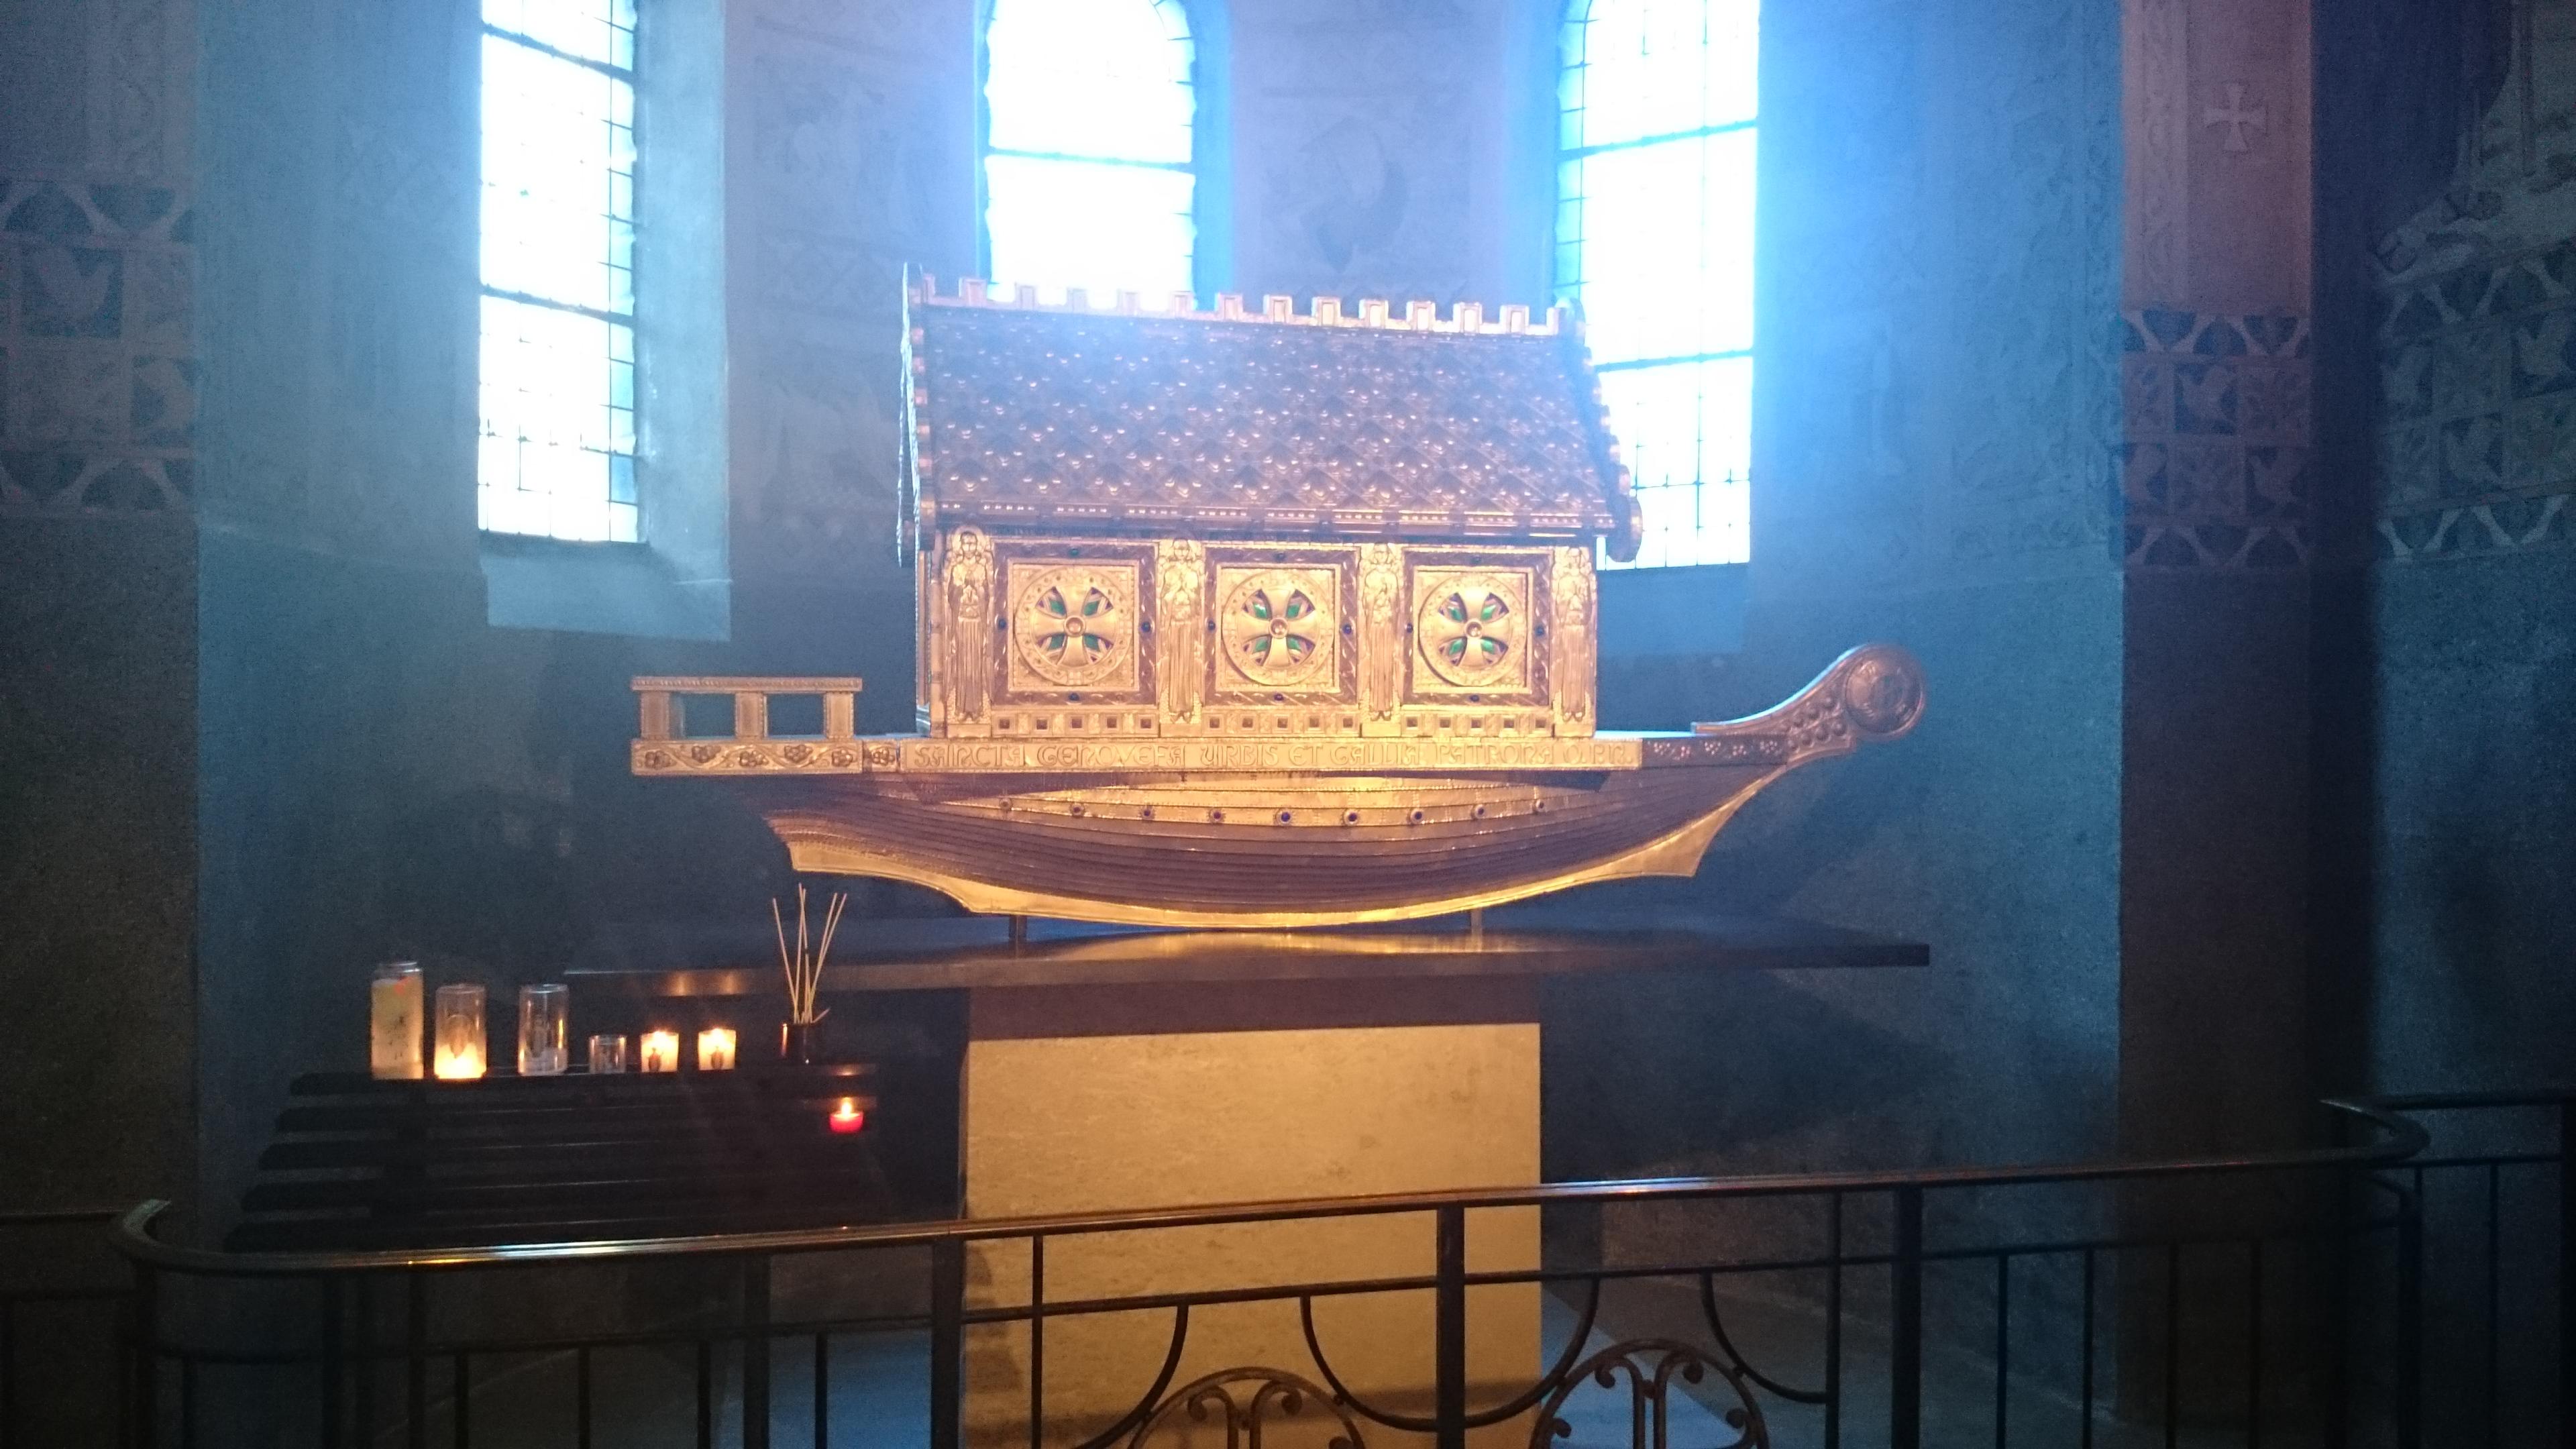 Interieur de la Cathédrale de Nanterre Concert Willy Ippolito